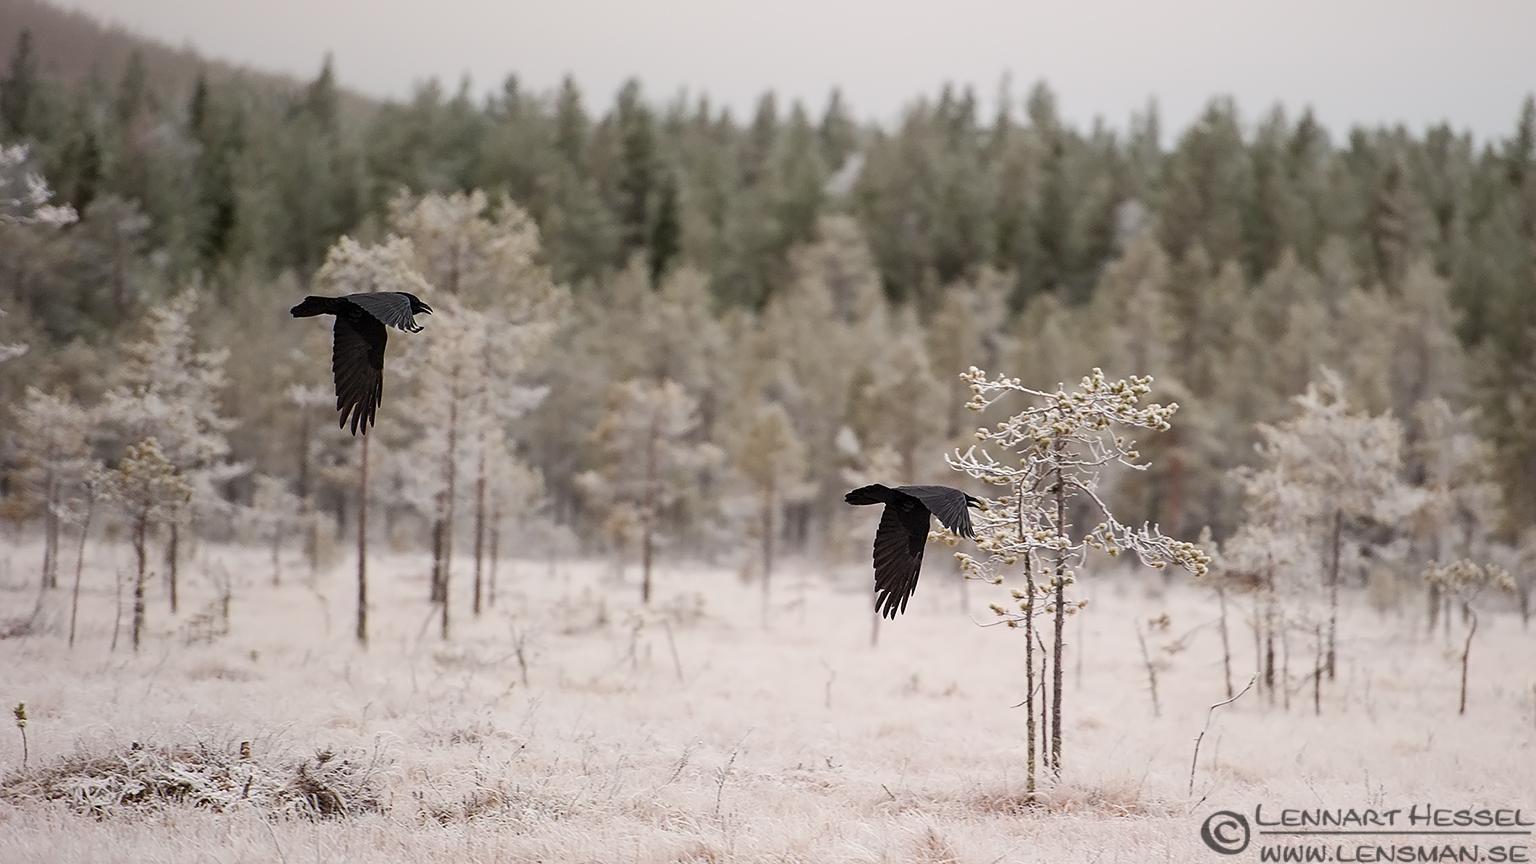 Ravens in flight from the Golden Eagle workshop